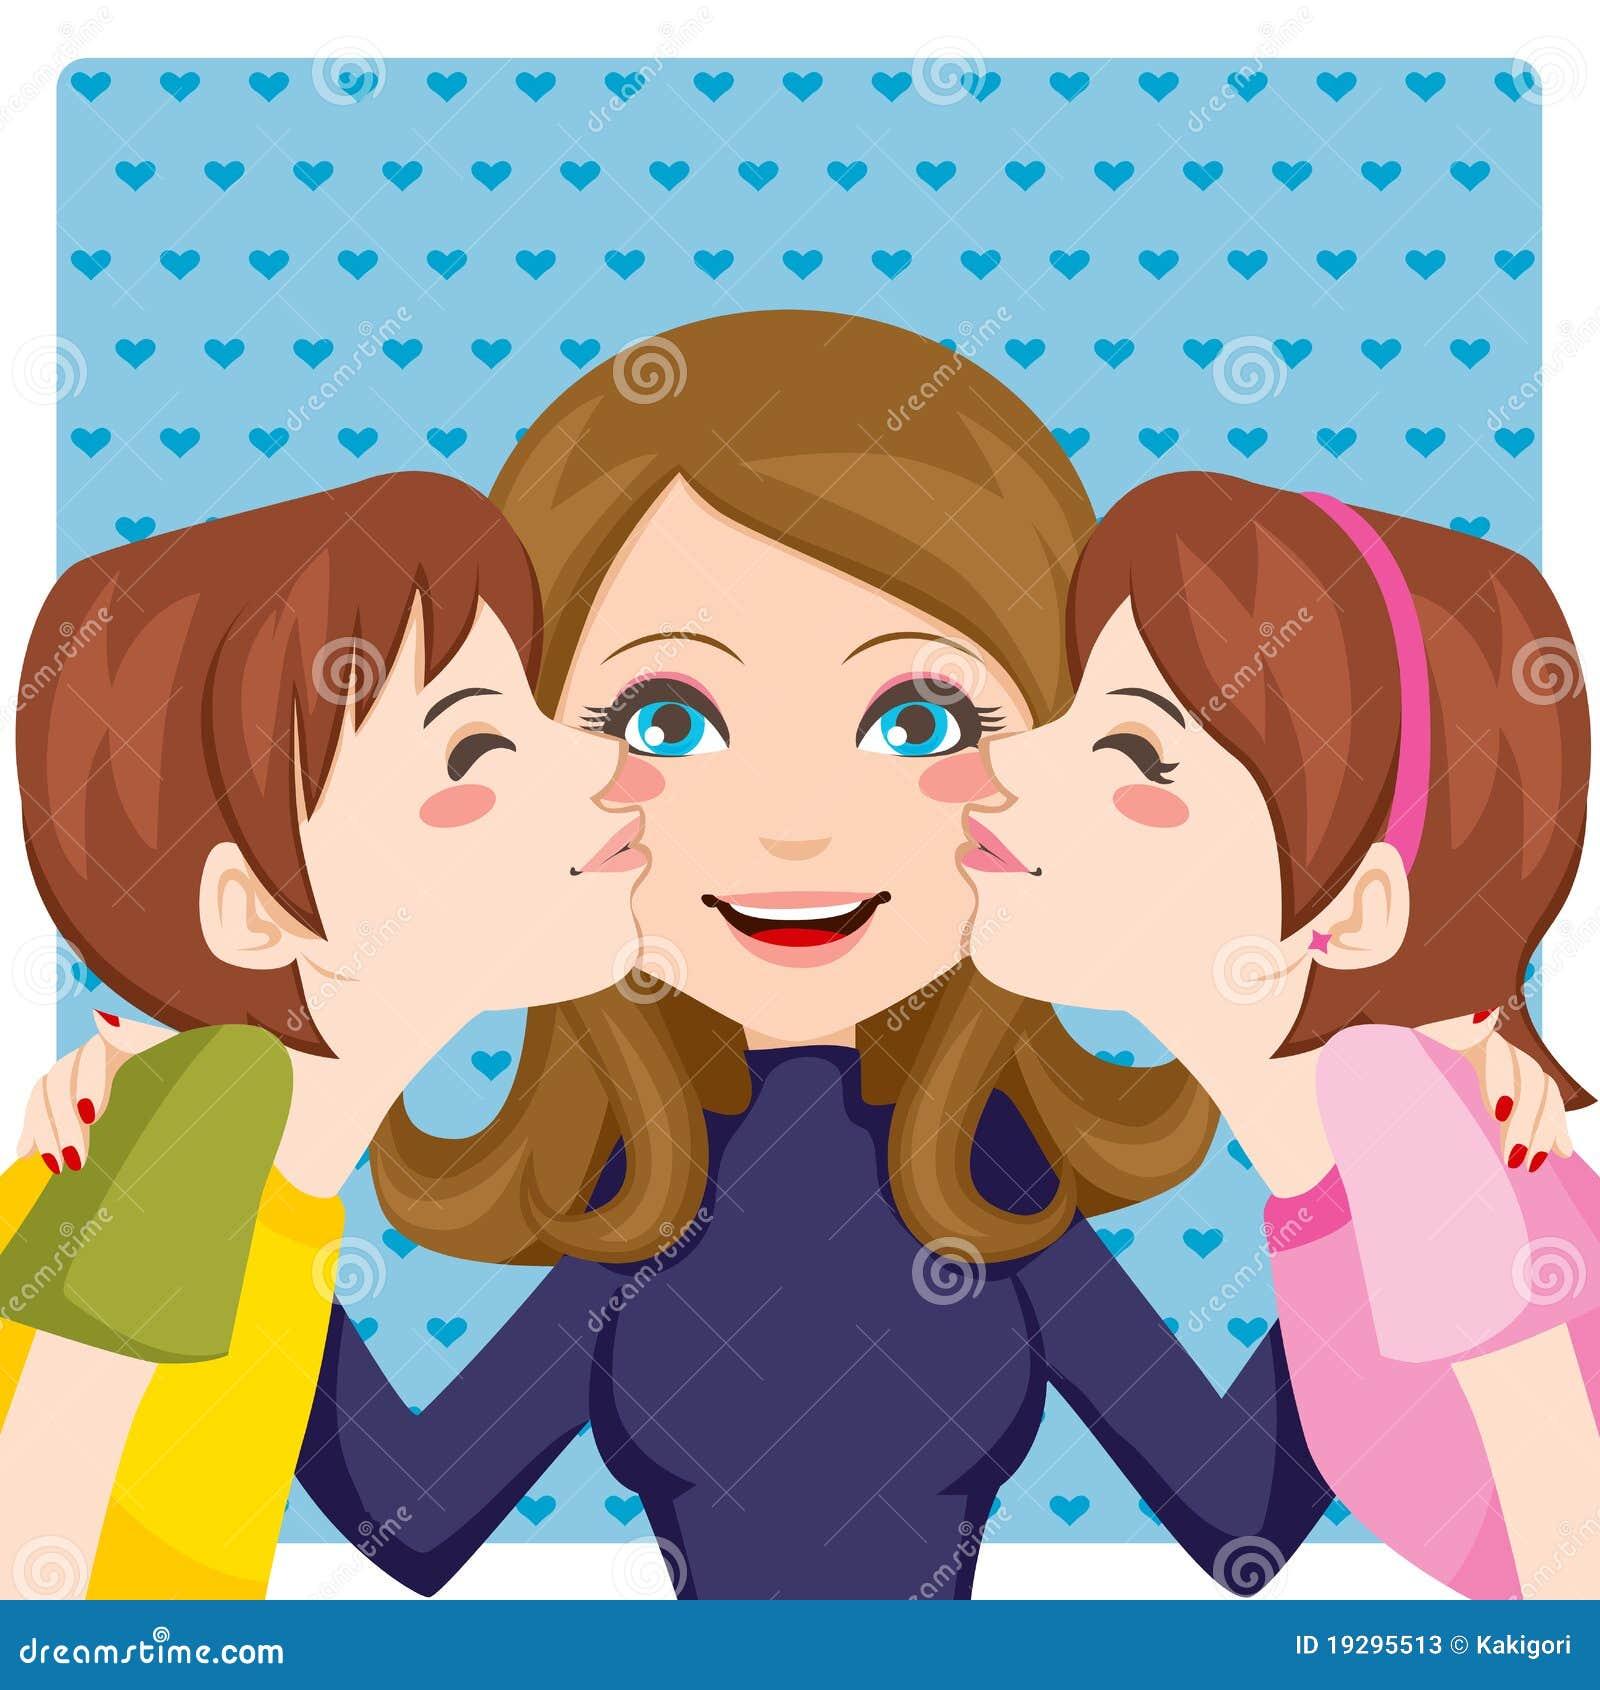 Mom kissing pics